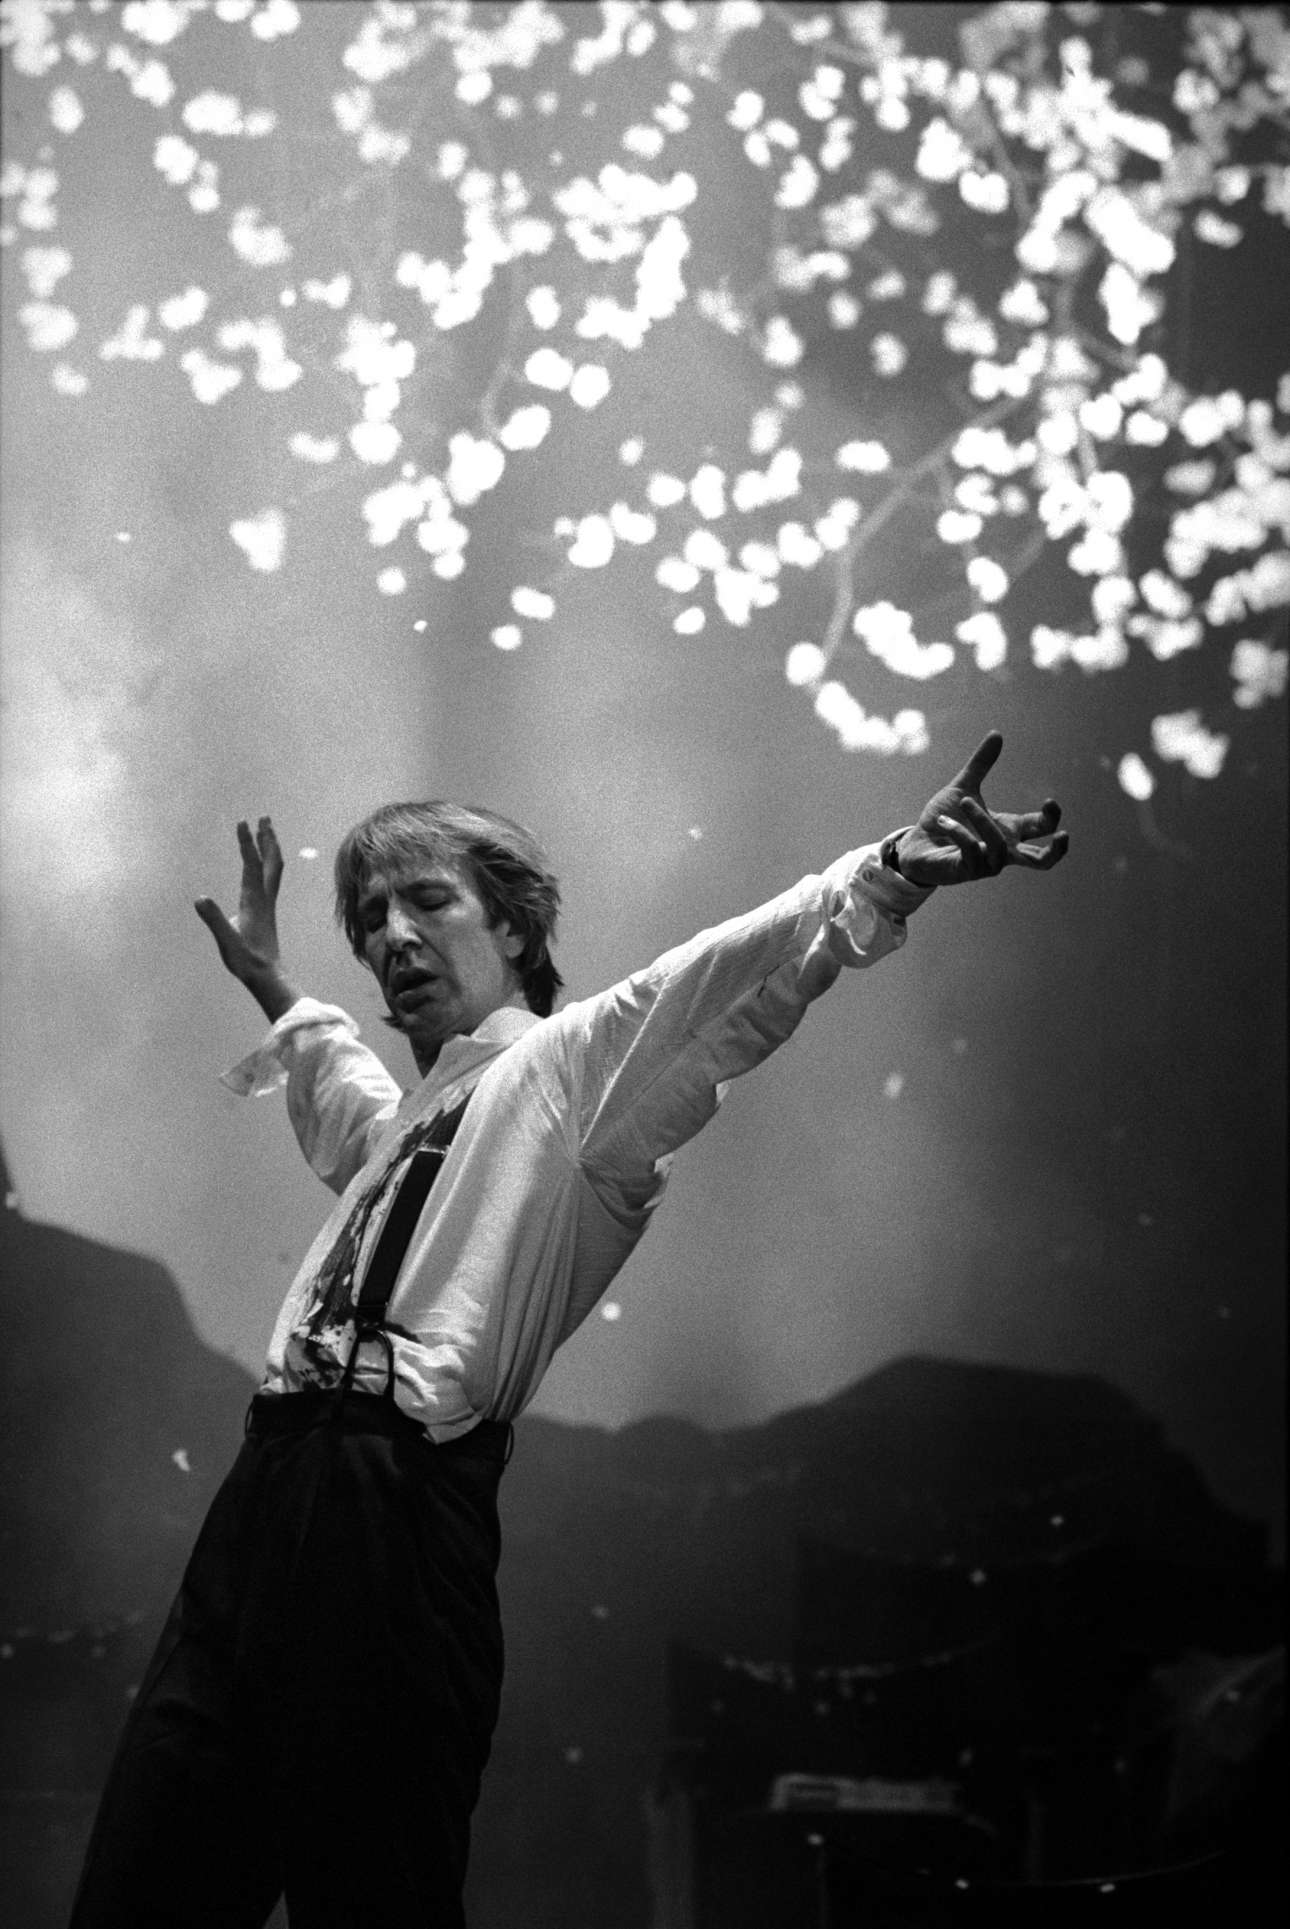 Στιγμιότυπο από το «Τανγκό στο τέλος του χειμώνα» στο λονδρέζικο θέατρο Πικαντίλι το 1991, με πρωταγωνιστή τον εξαιρετικό Αλαν Ρίκμαν